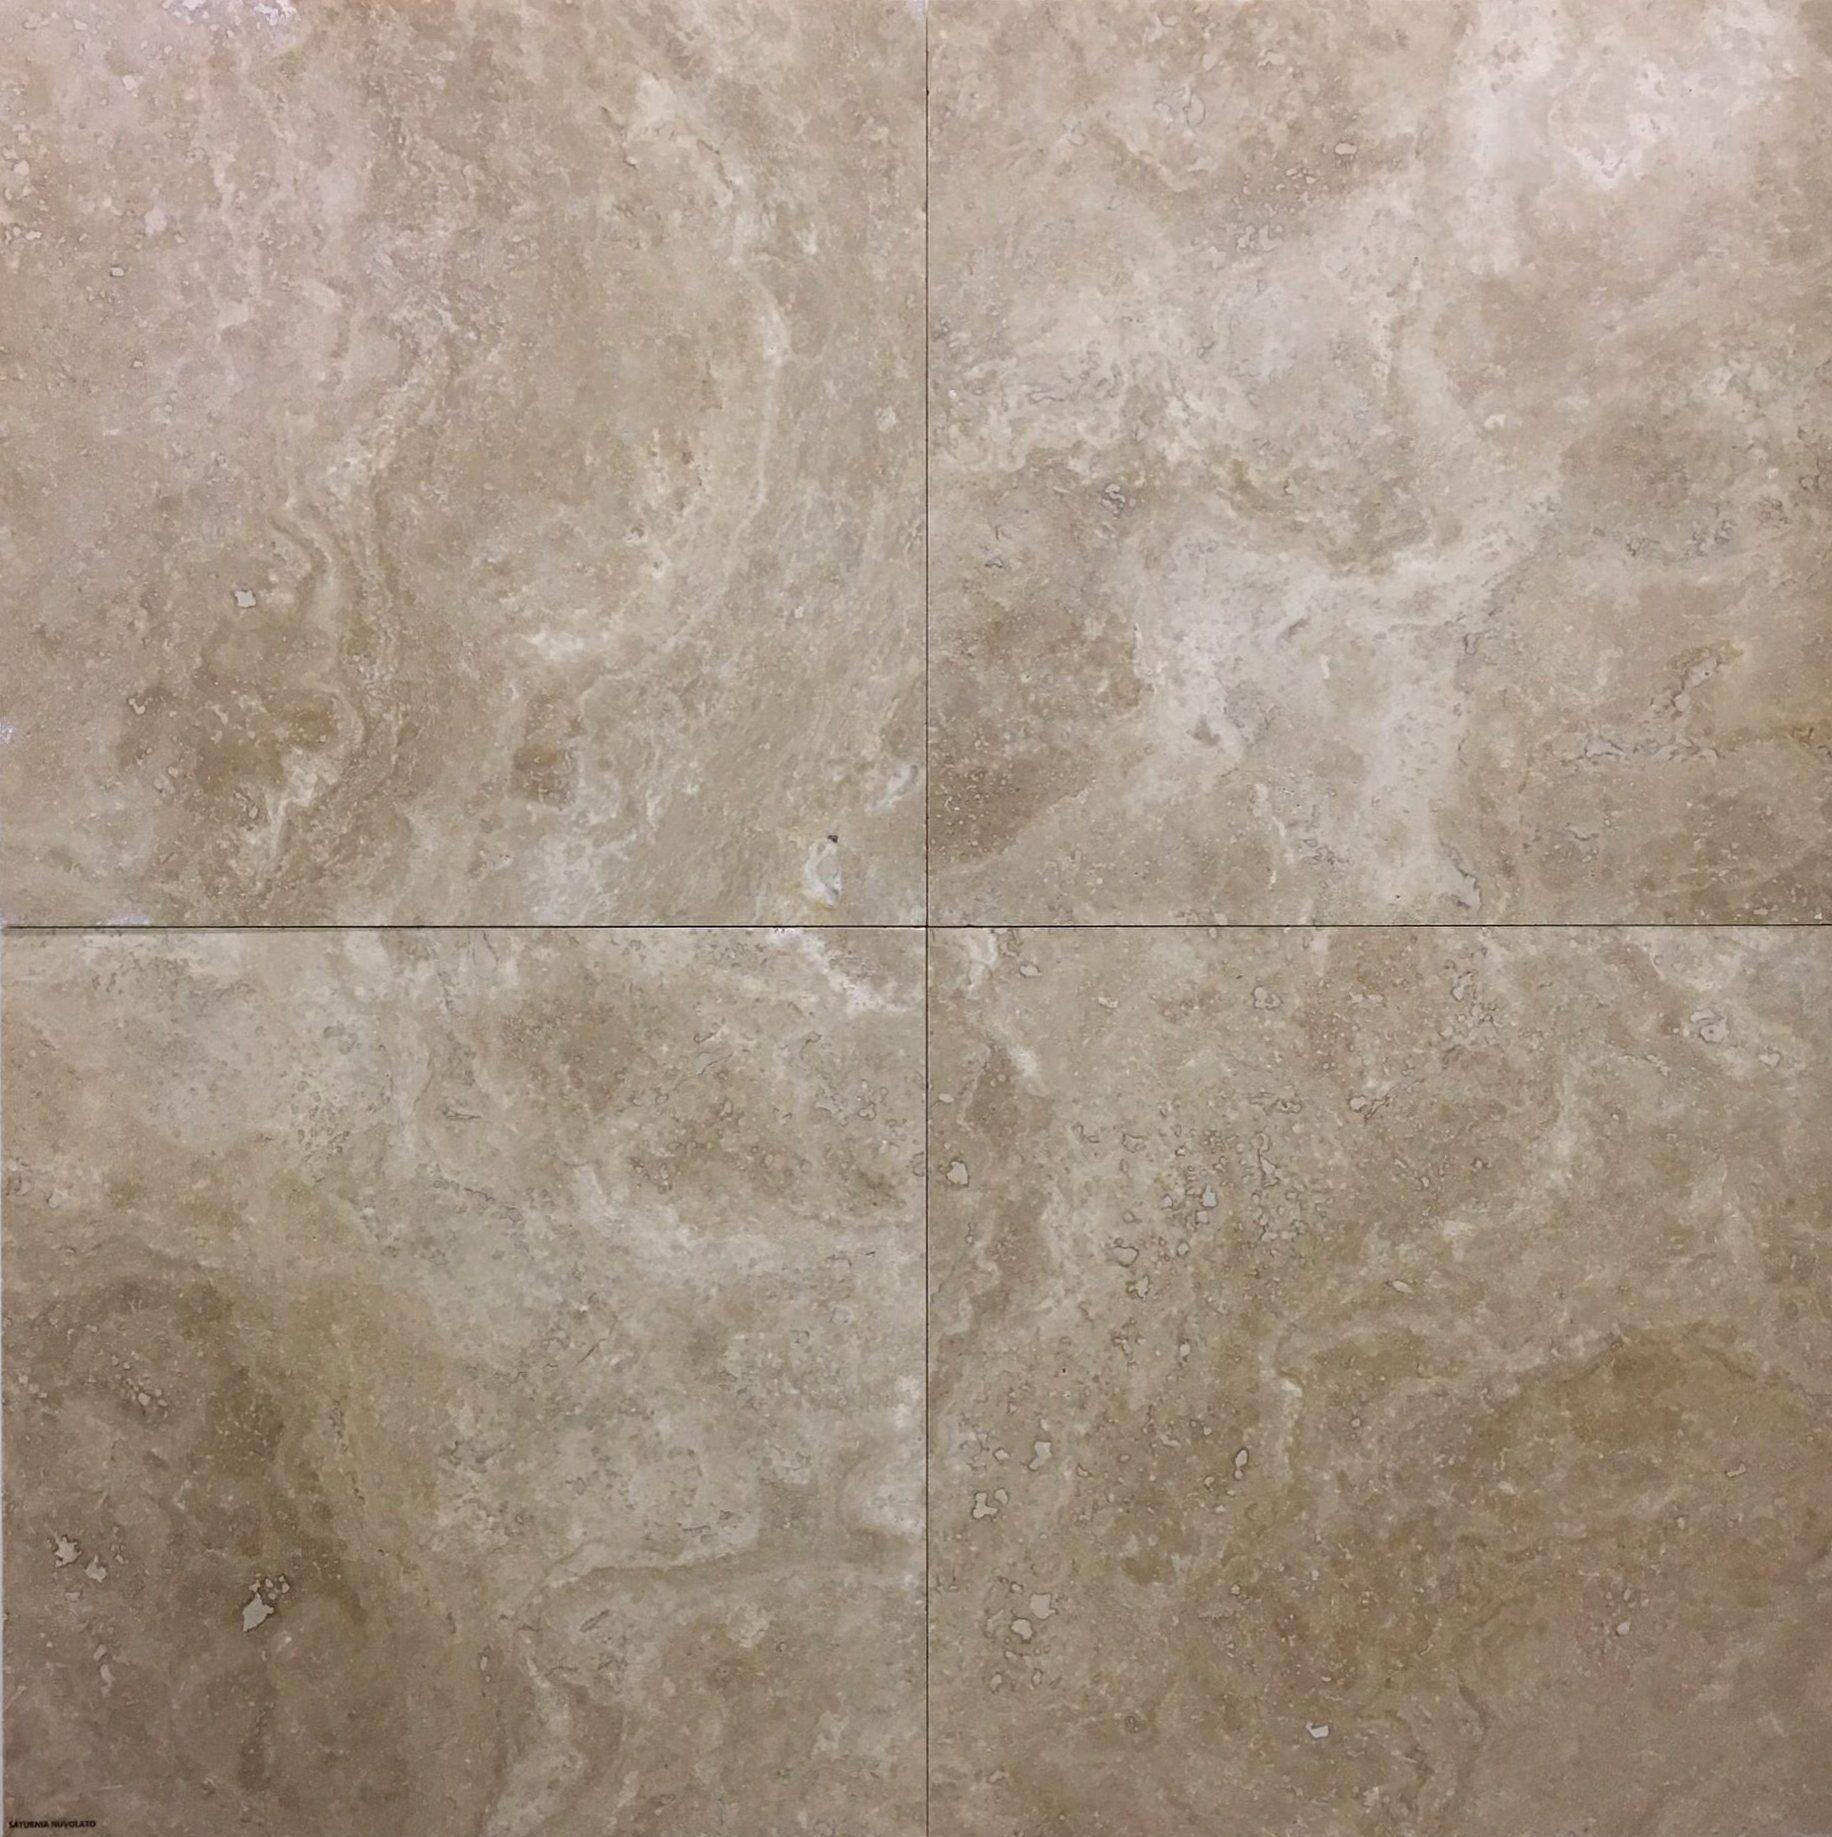 Saturnia Marble Flooring : Saturnia nuvolato tiles marble trend granite